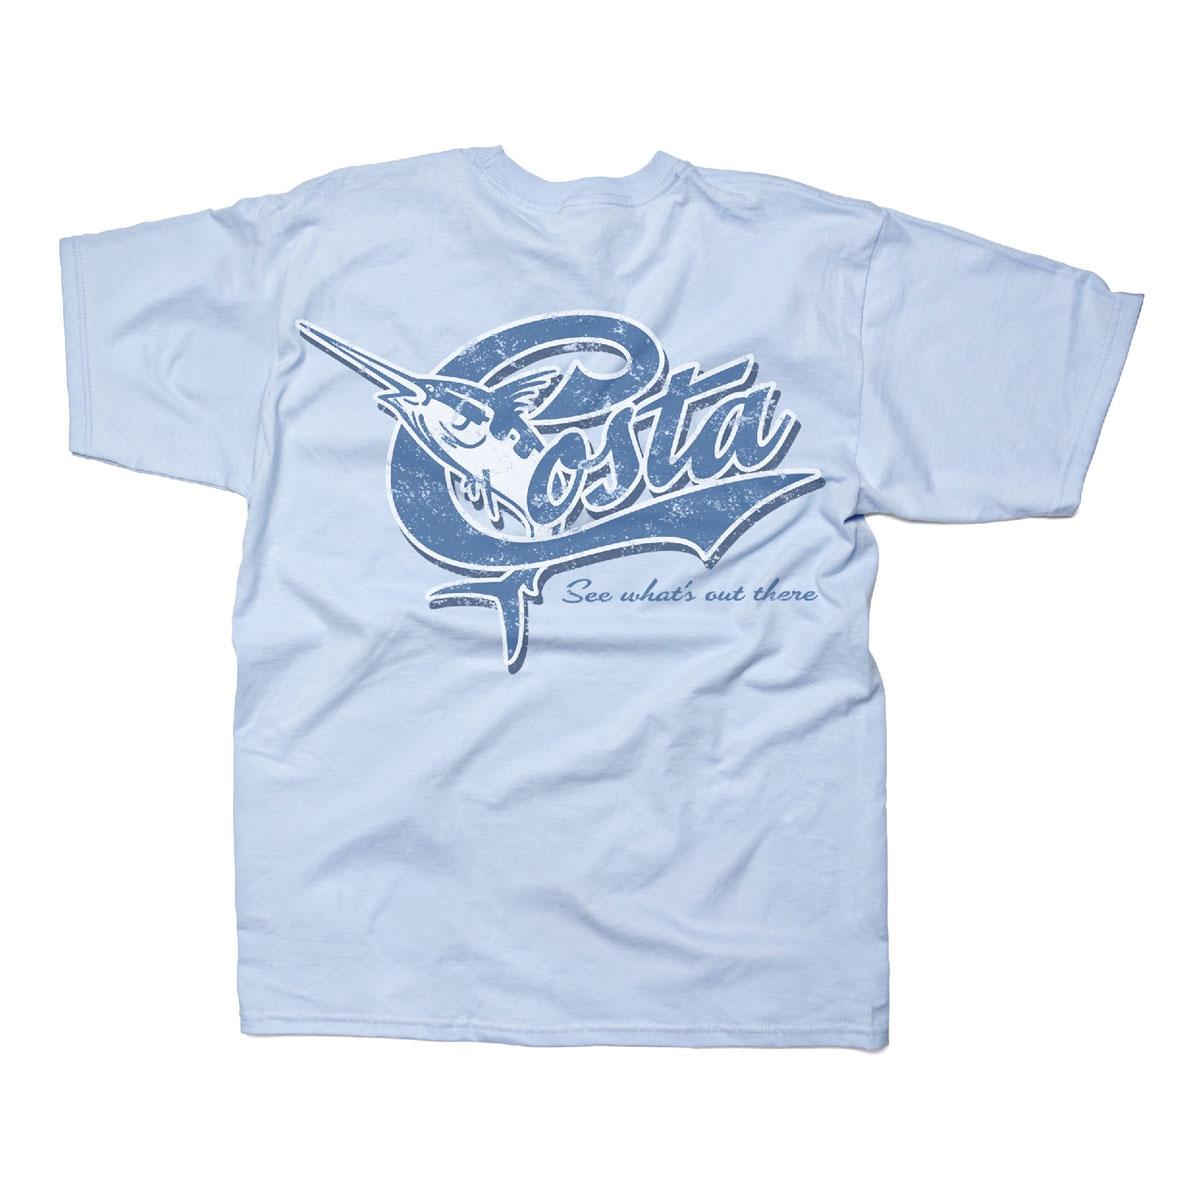 Costa Del Mar Retro T Shirt Light Blue